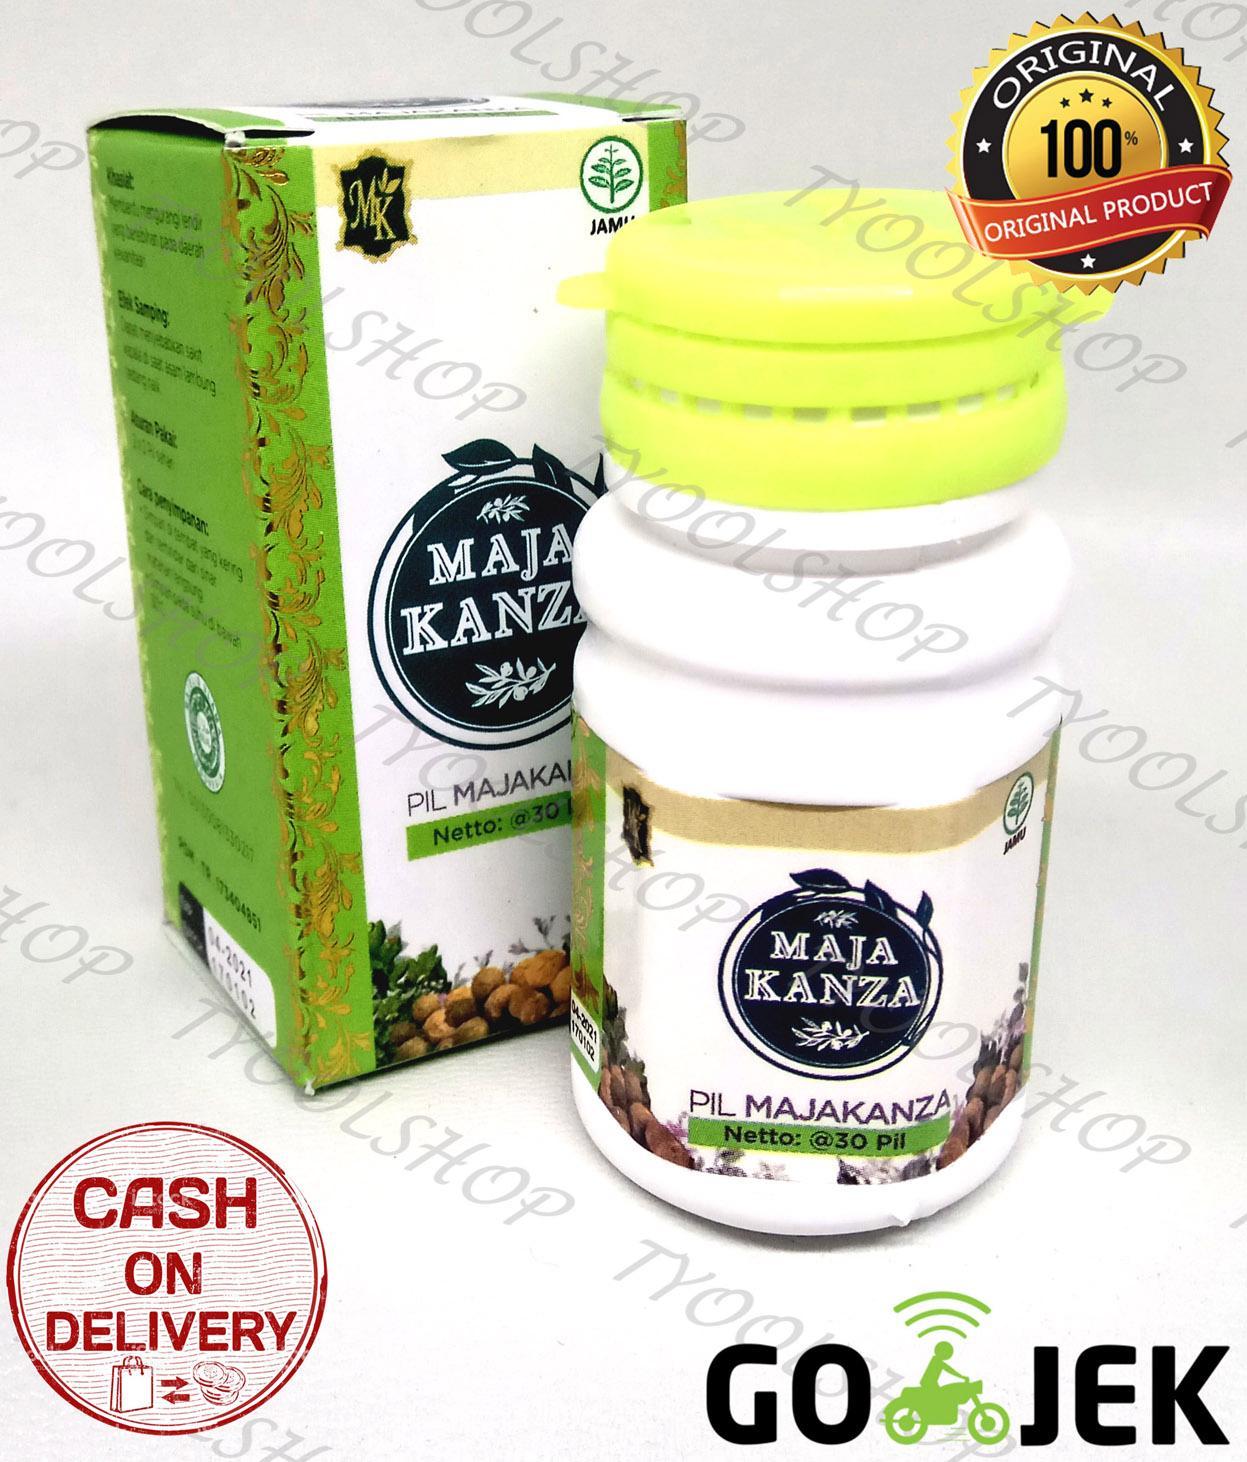 Buy Sell Cheapest Majakani Kanza Best Quality Product Deals Manjakani Aceh Majakanza Original Bpom Atasi Masalah Wanita 30 Pil